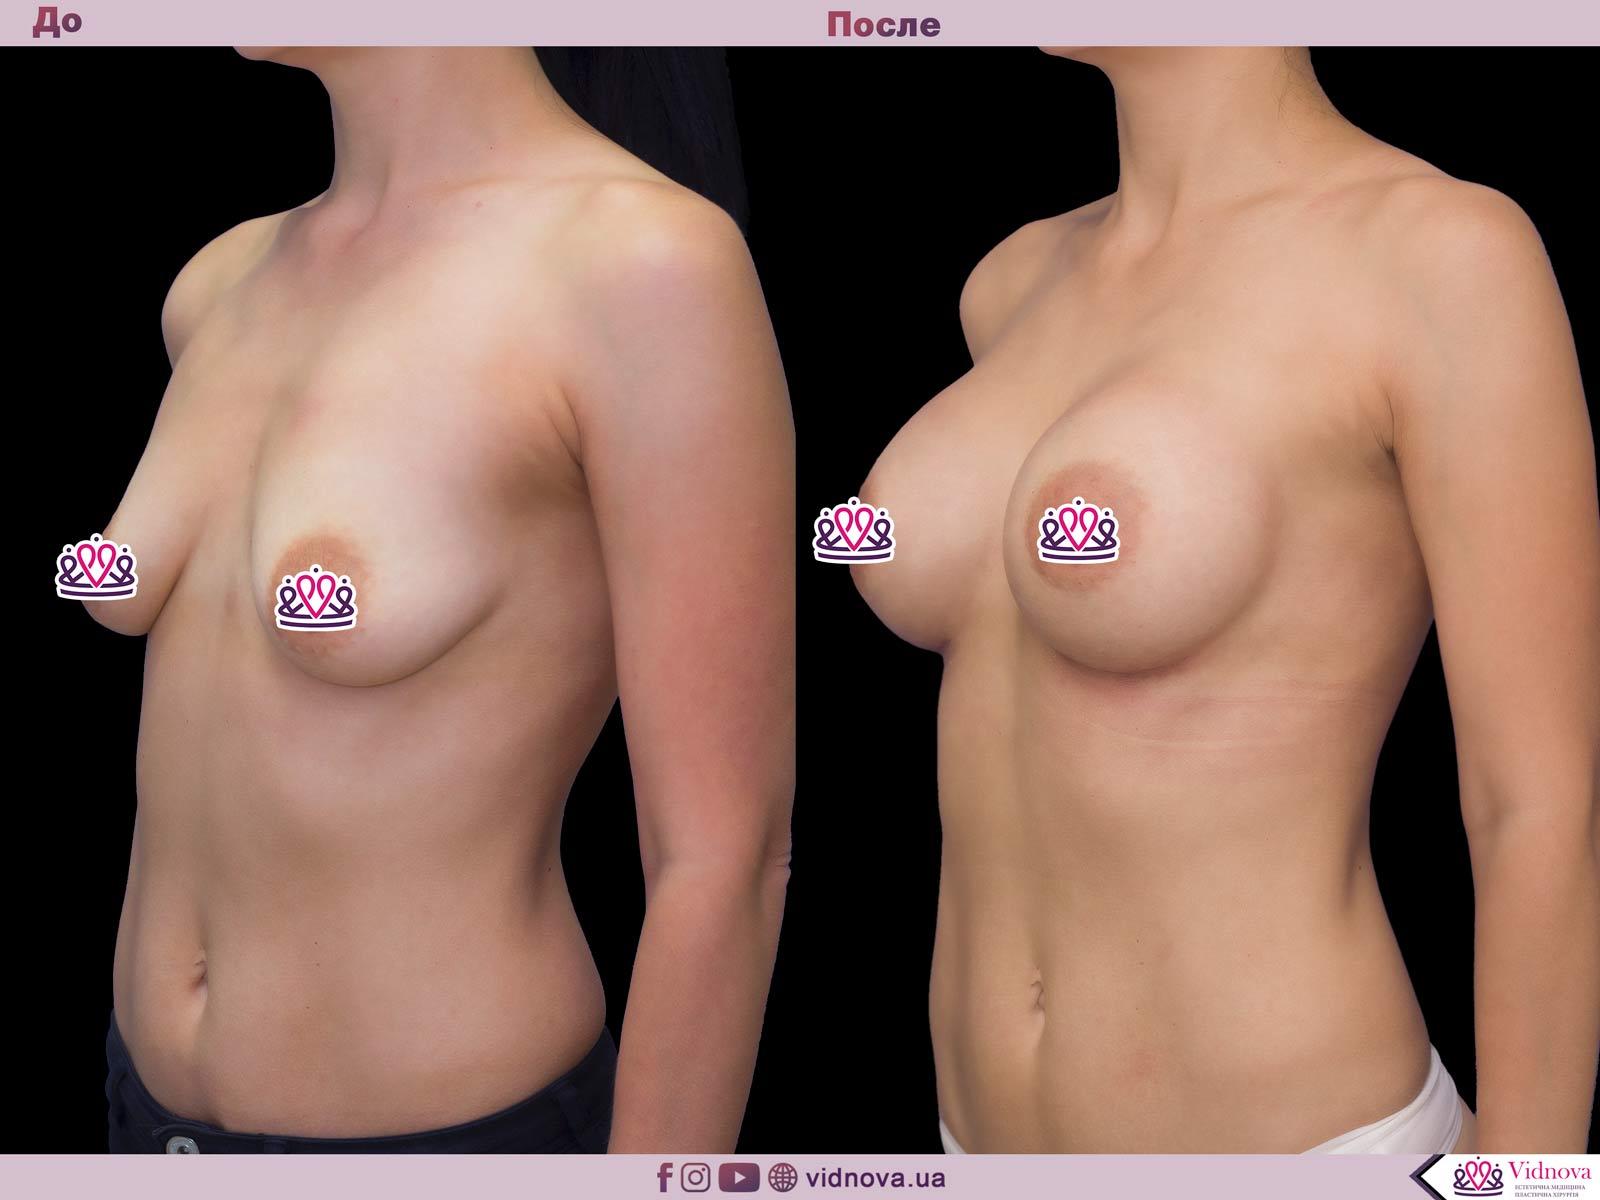 Пластика груди: результаты до и после - Пример №48-1 - Светлана Работенко